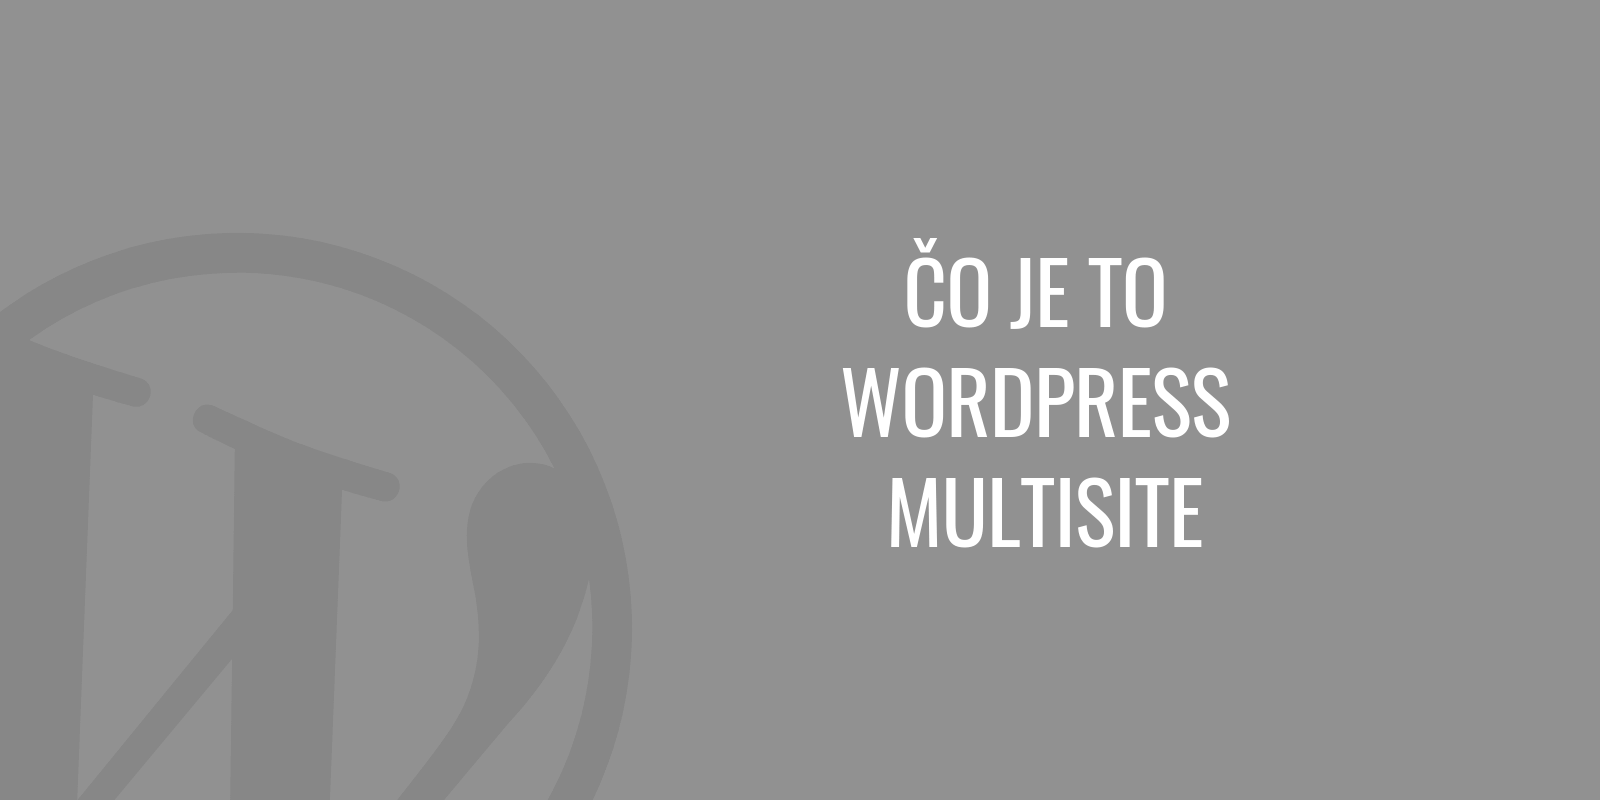 Čo je to WordPress multisite